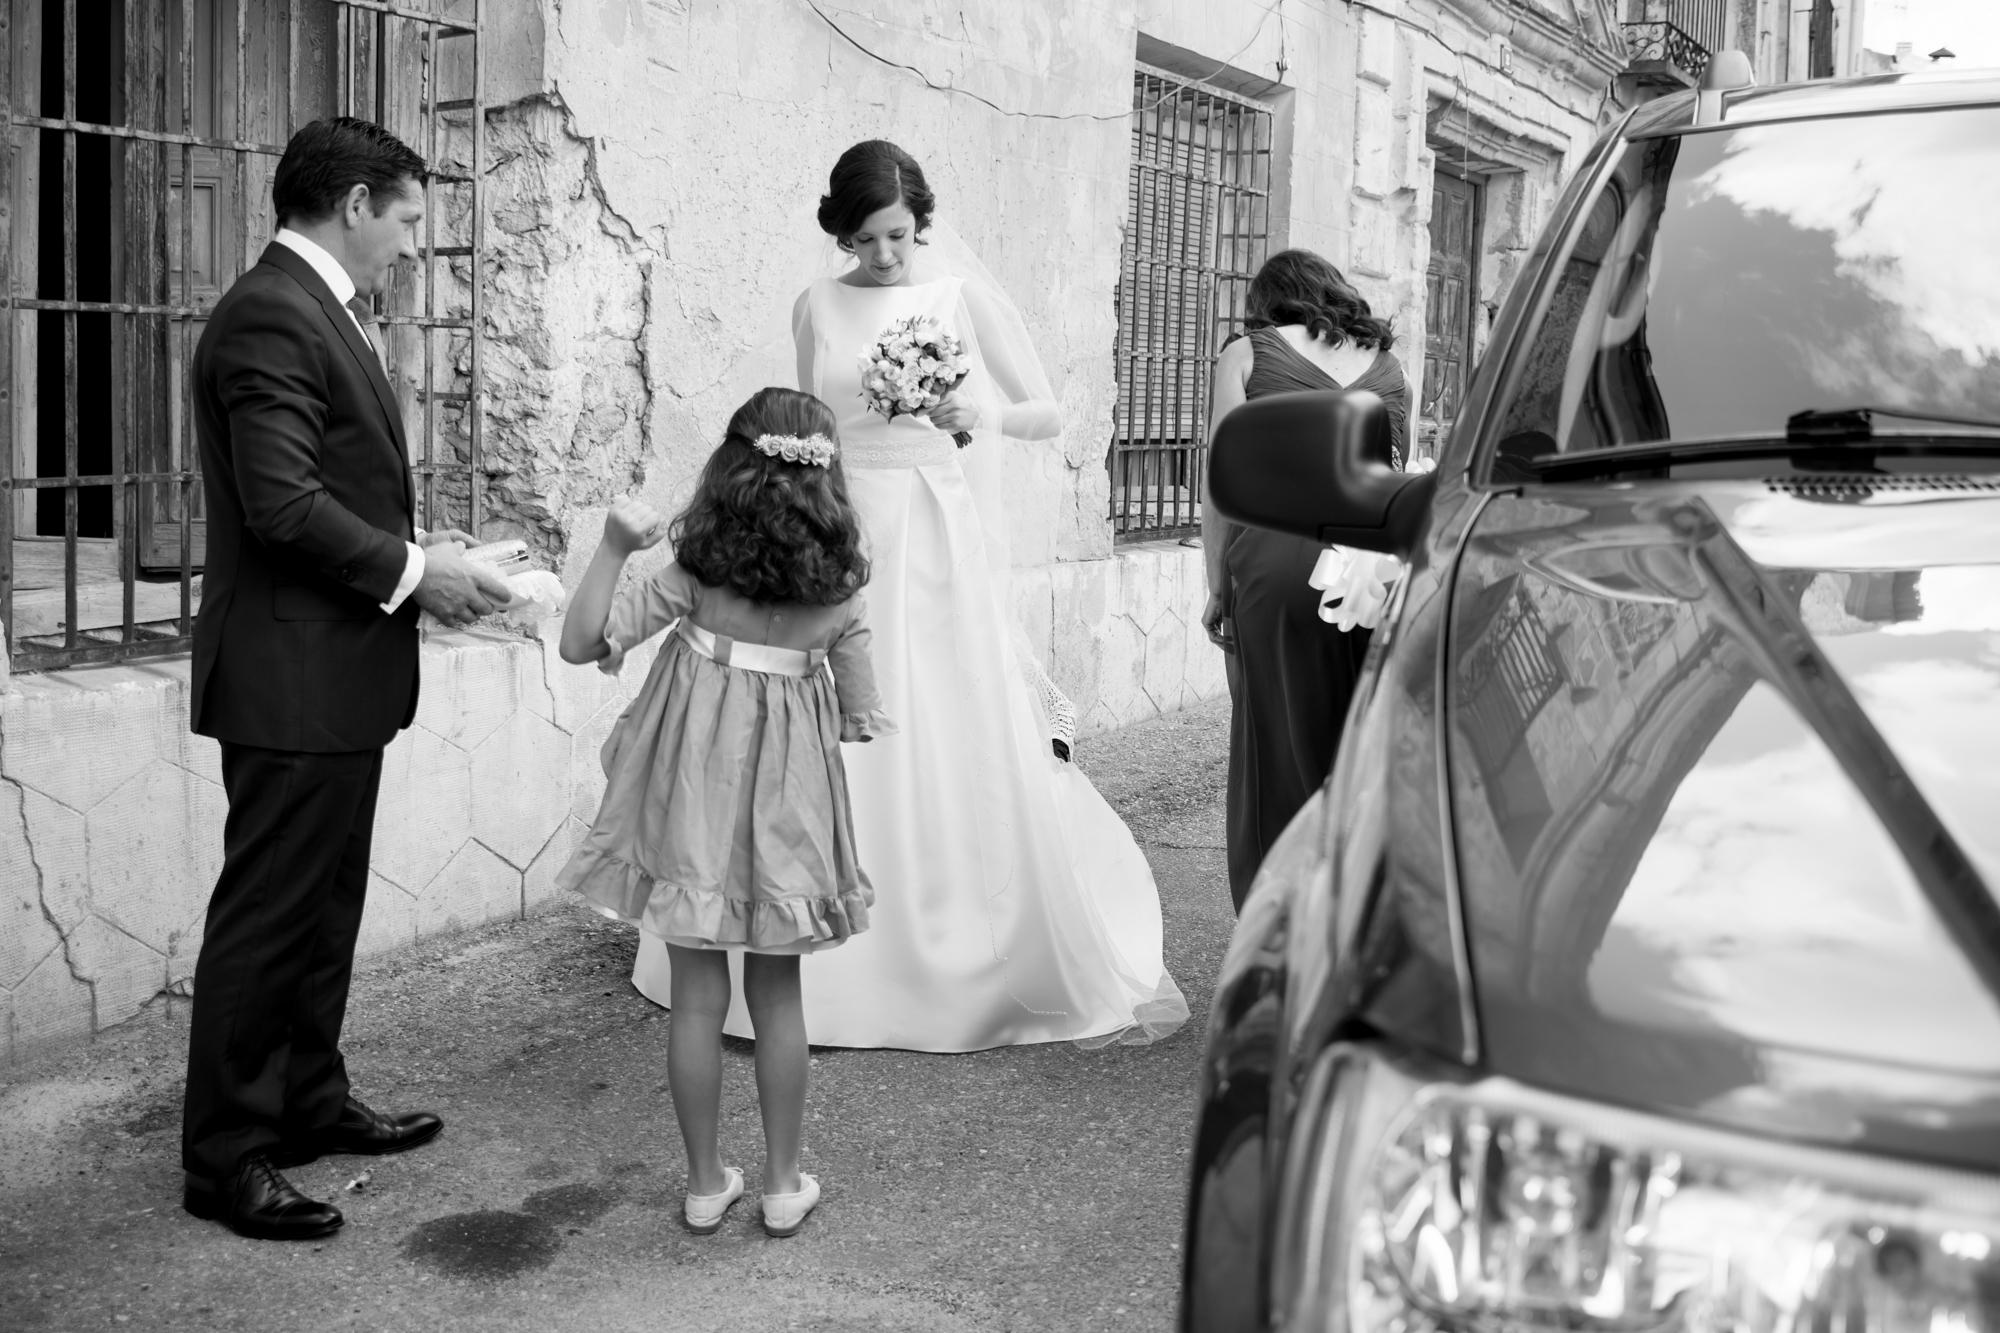 fotografia-de-boda-llega-la-novia.jpg